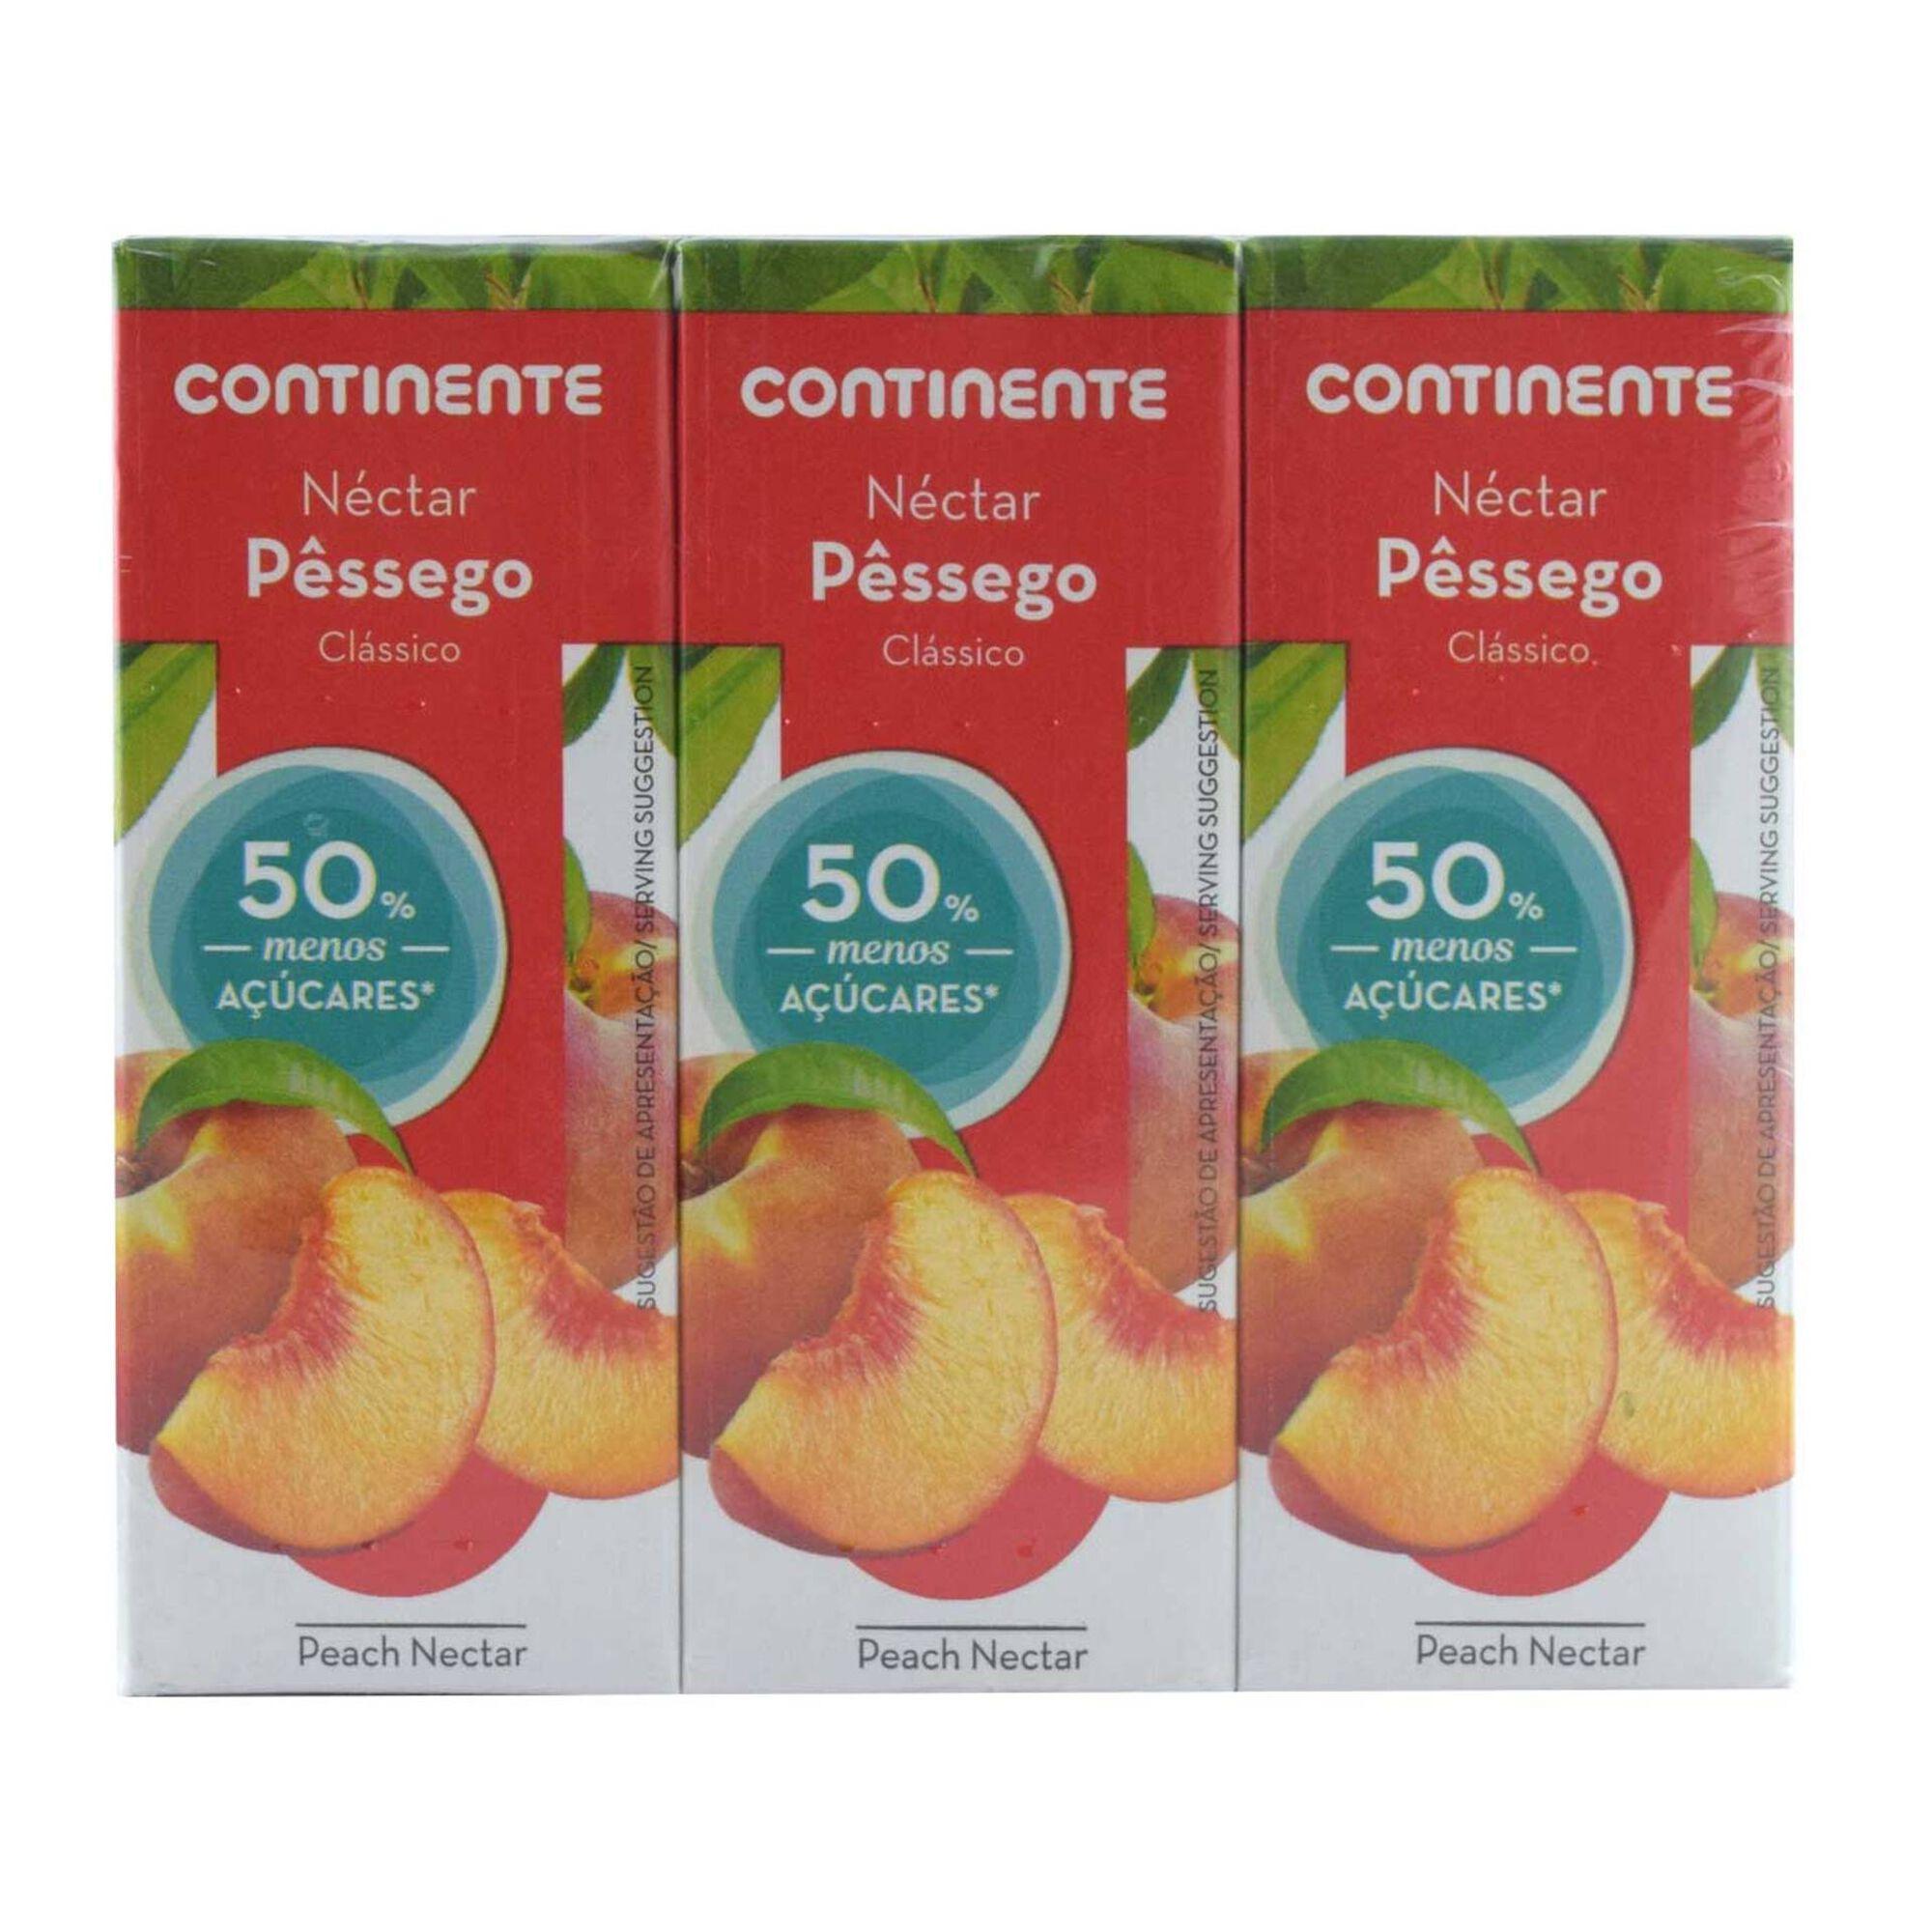 Néctar de Pêssego -50% Açúcares